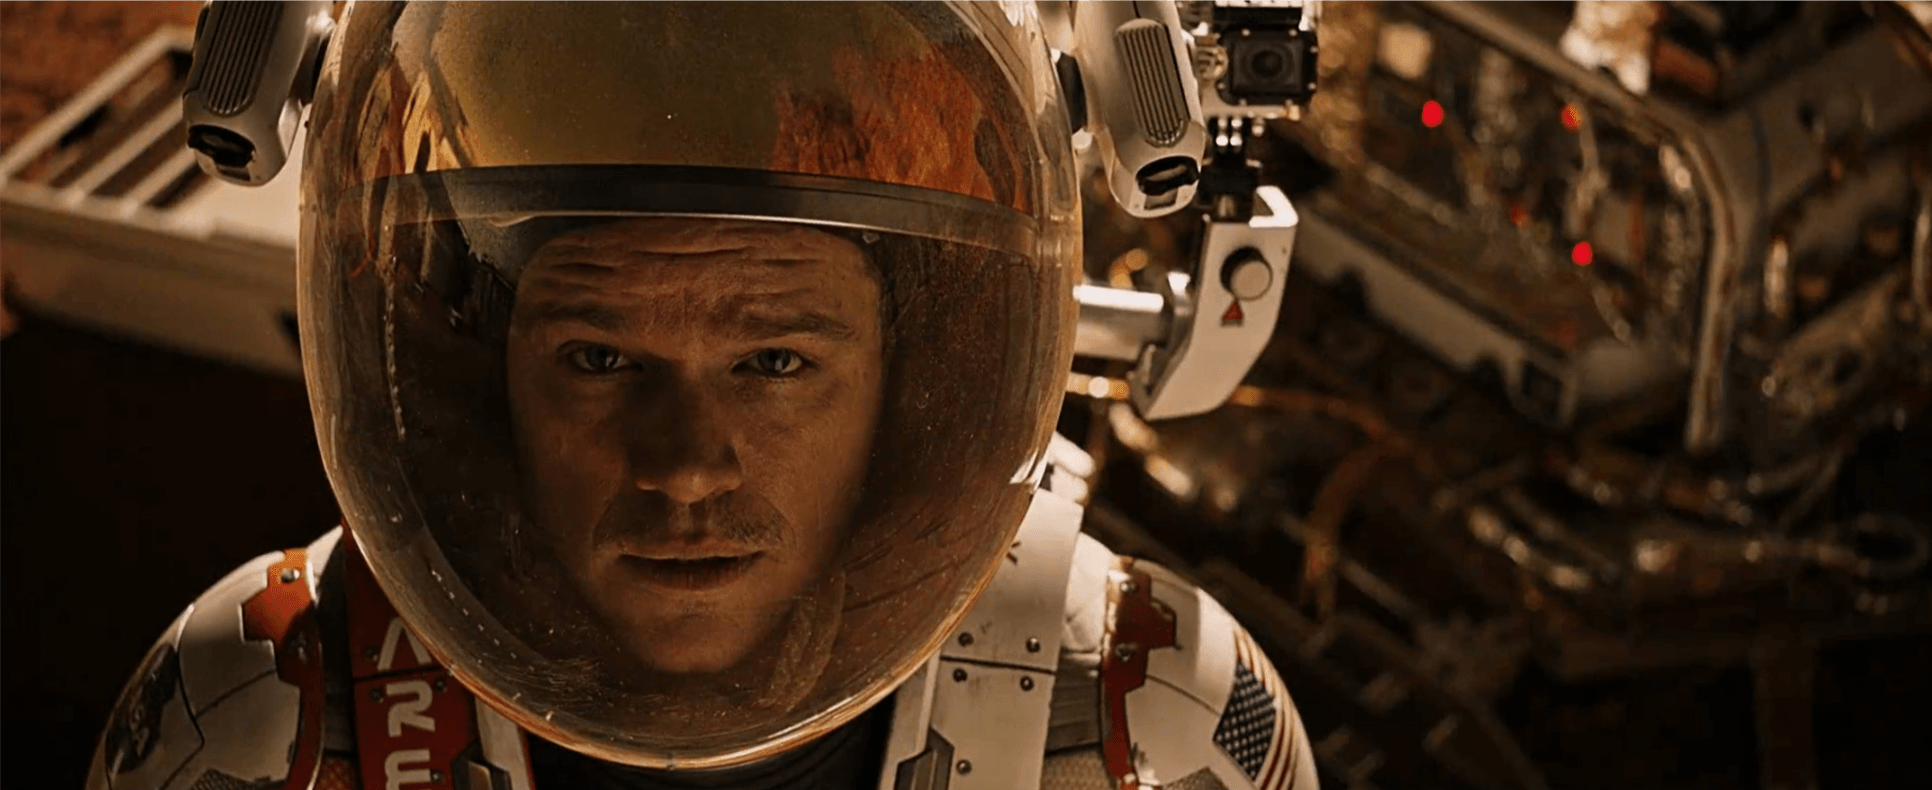 Budweiser zamierza warzyć piwo na Marsie. Ale wcześniej wystrzeli jęczmień na orbitę 19